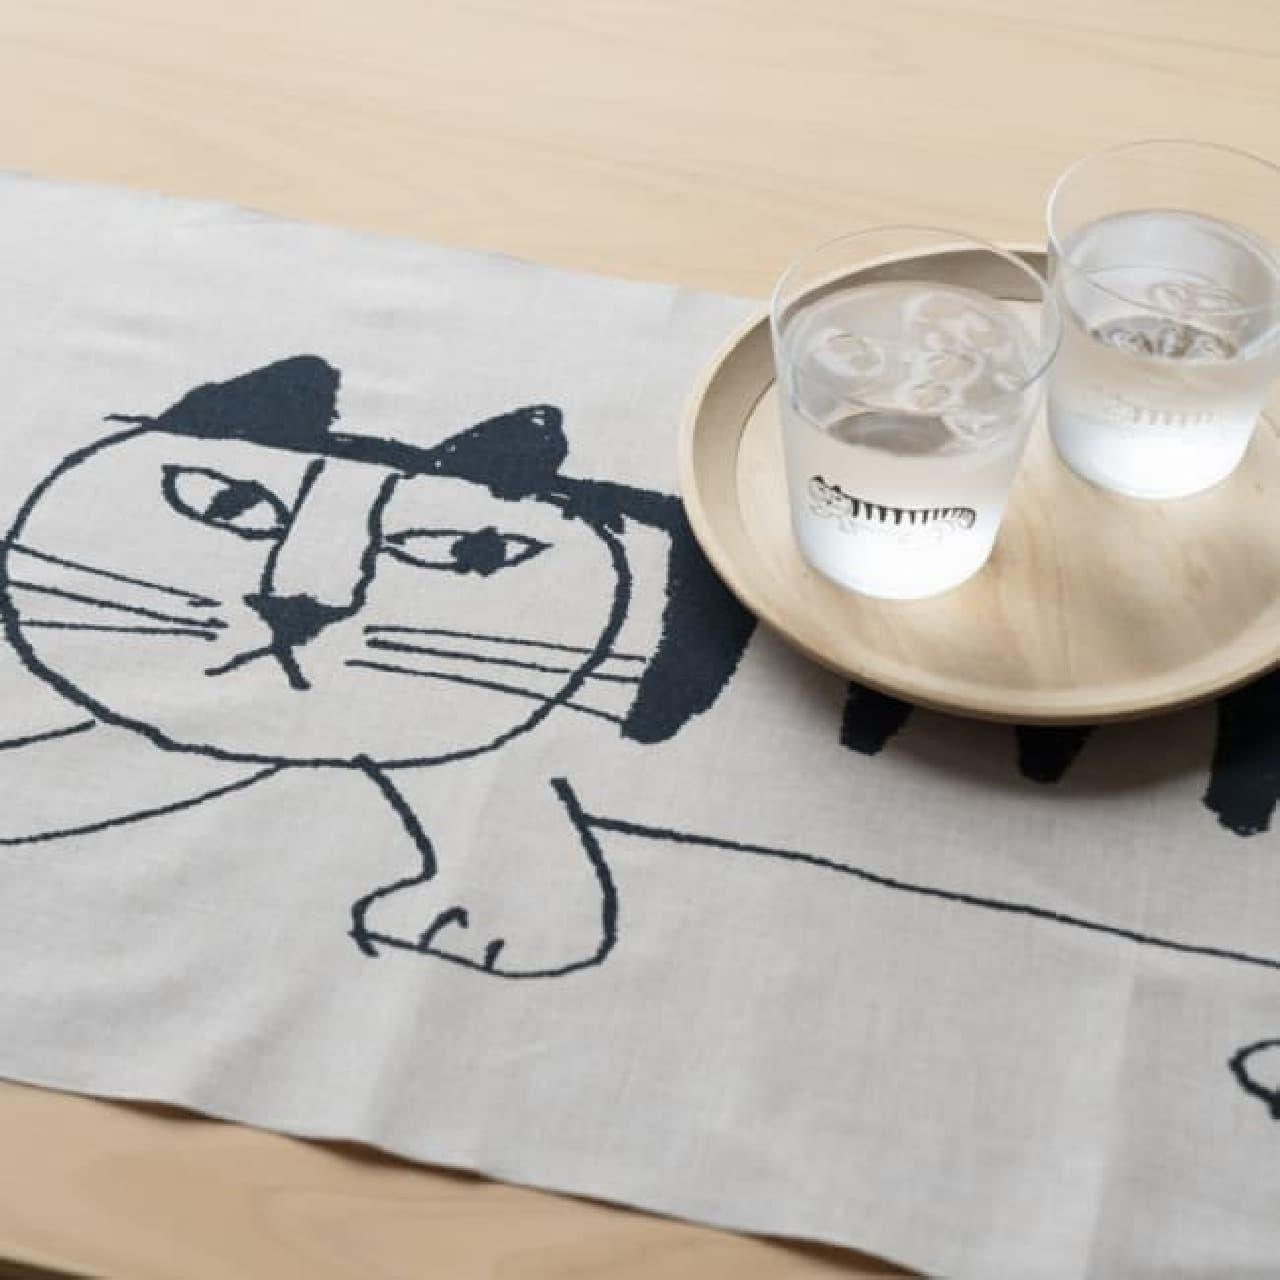 伝統工芸とコラボ!リサ・ラーソンの豆皿や手ぬぐいが可愛い -- トンカチストア「JAPANシリーズ」特集